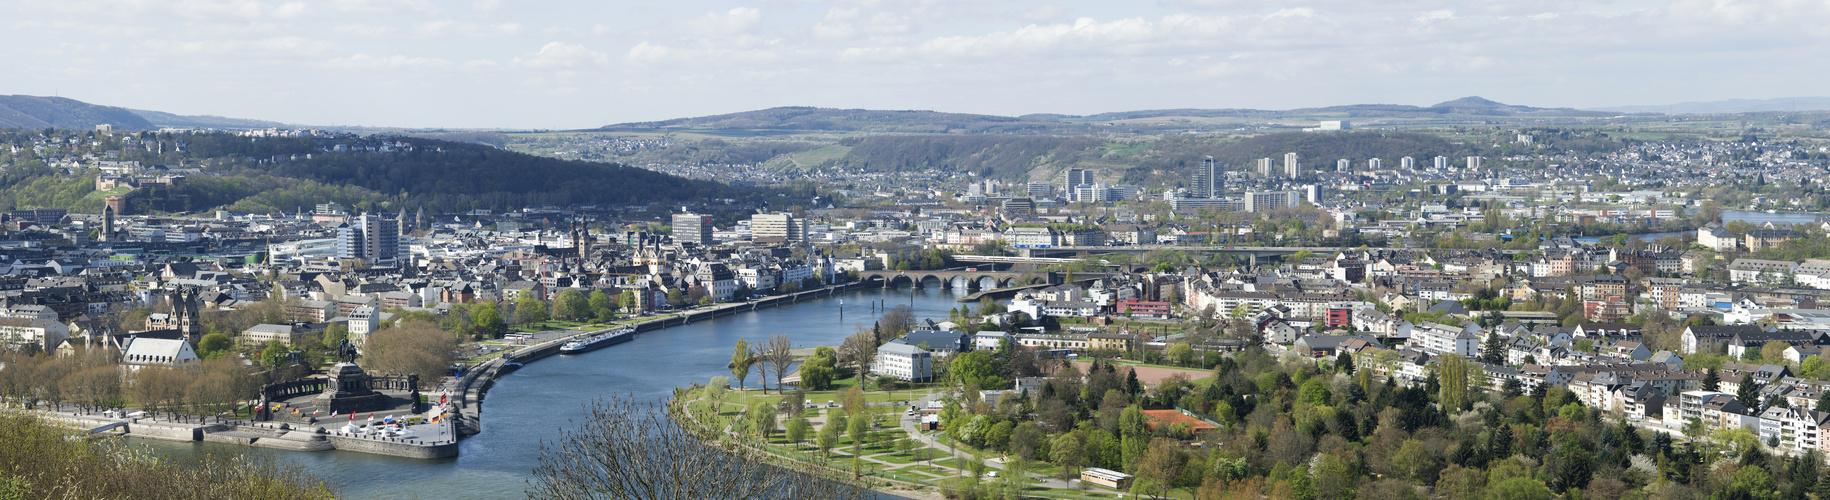 Koblenz Panorama vom Aussichtsbauwerk auf dem Festungsplateau